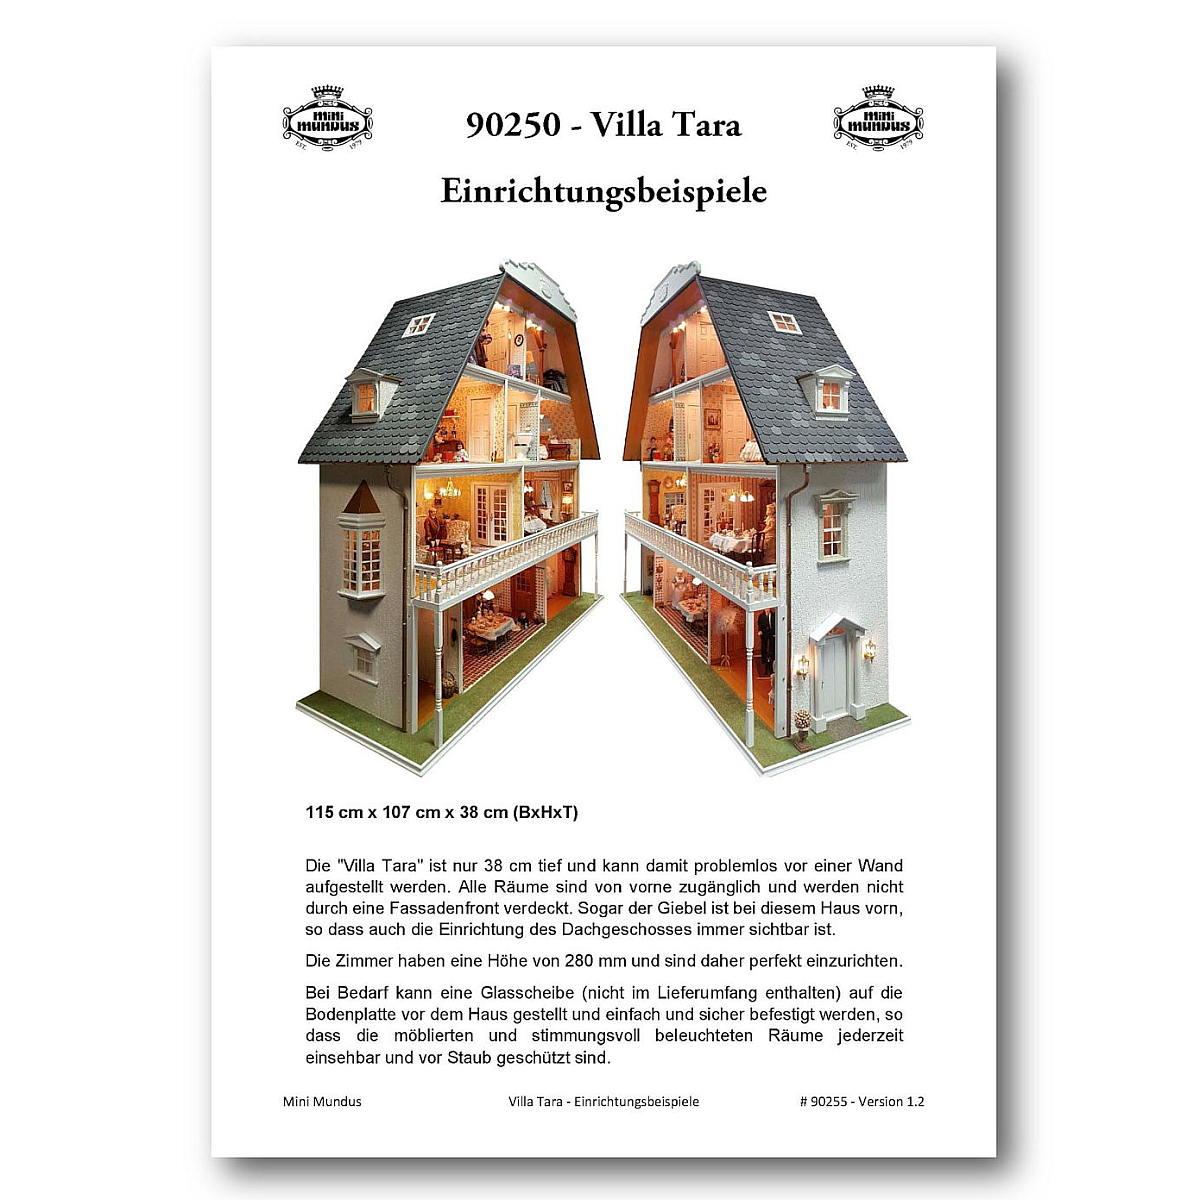 Villa Tara Einrichtungsbeispiele 90255